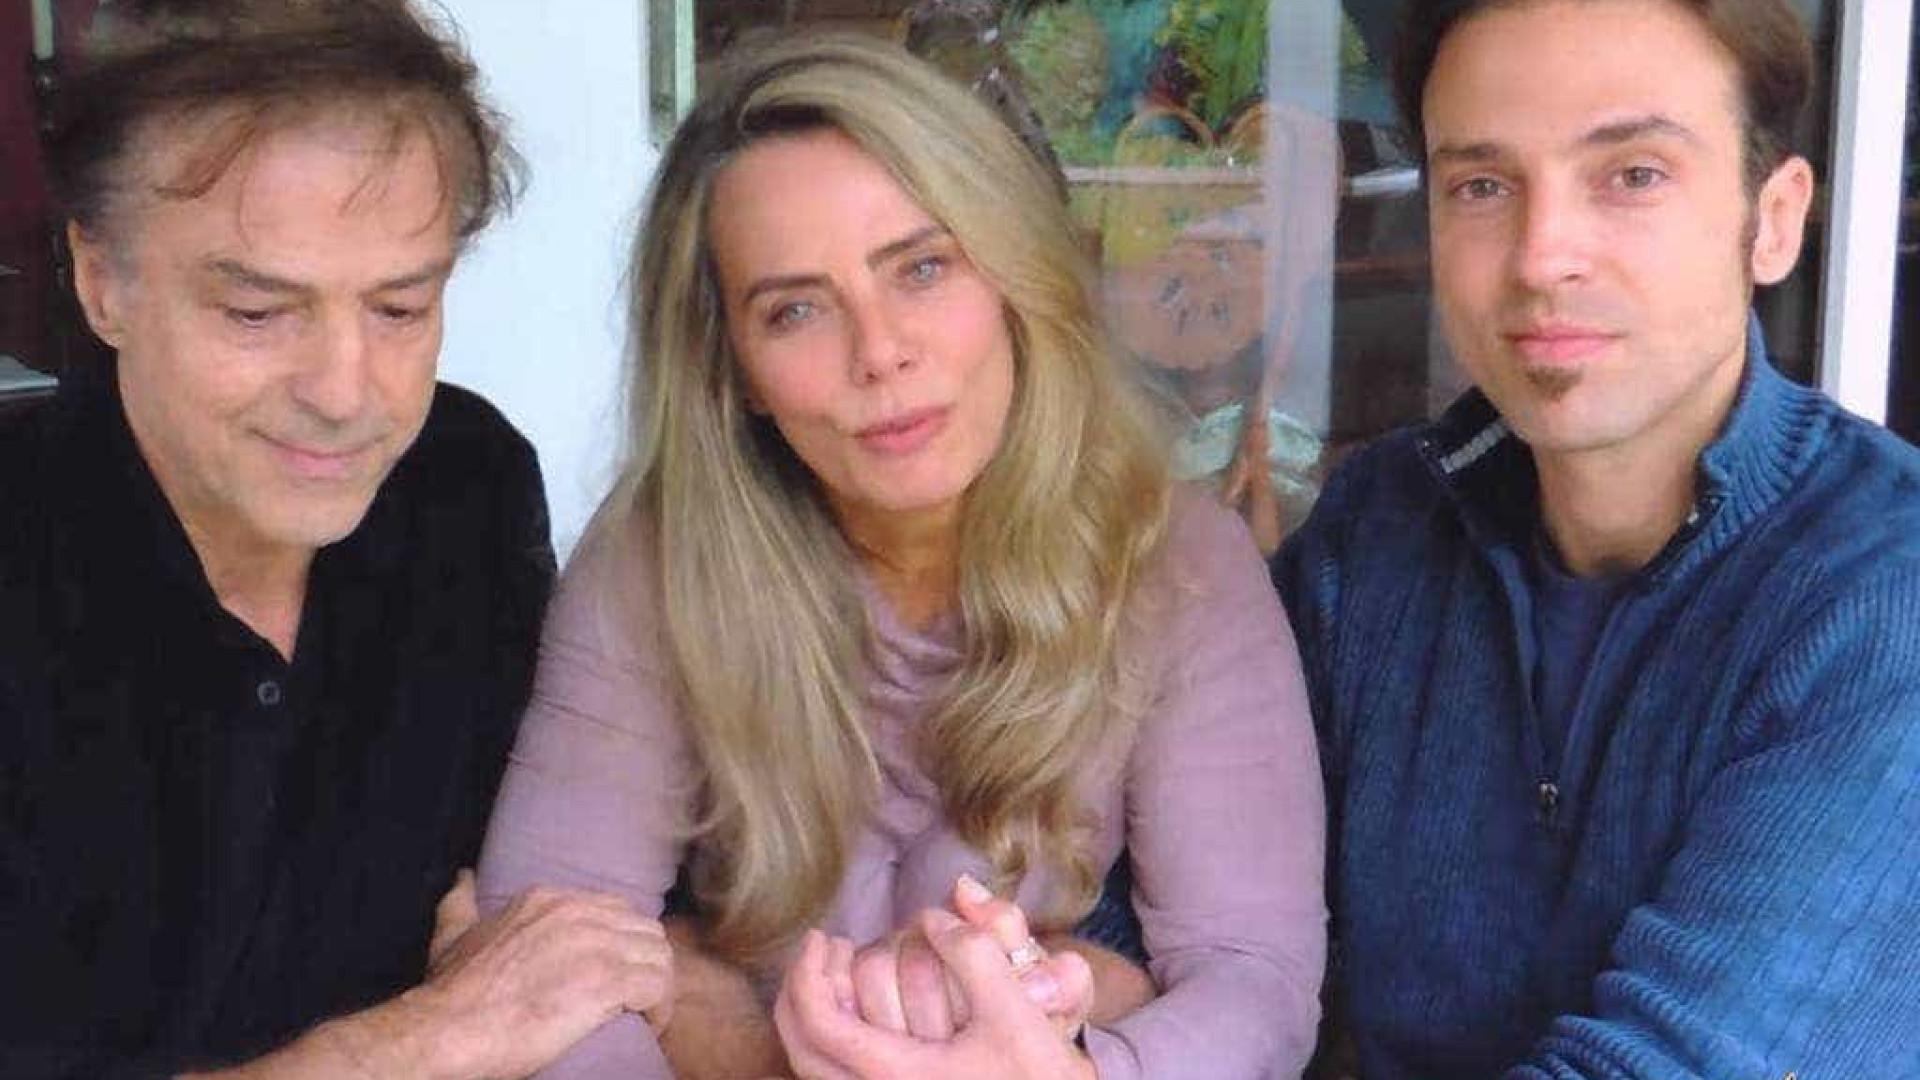 'Em país que elite rouba, não se pode reclamar de violência', diz atriz